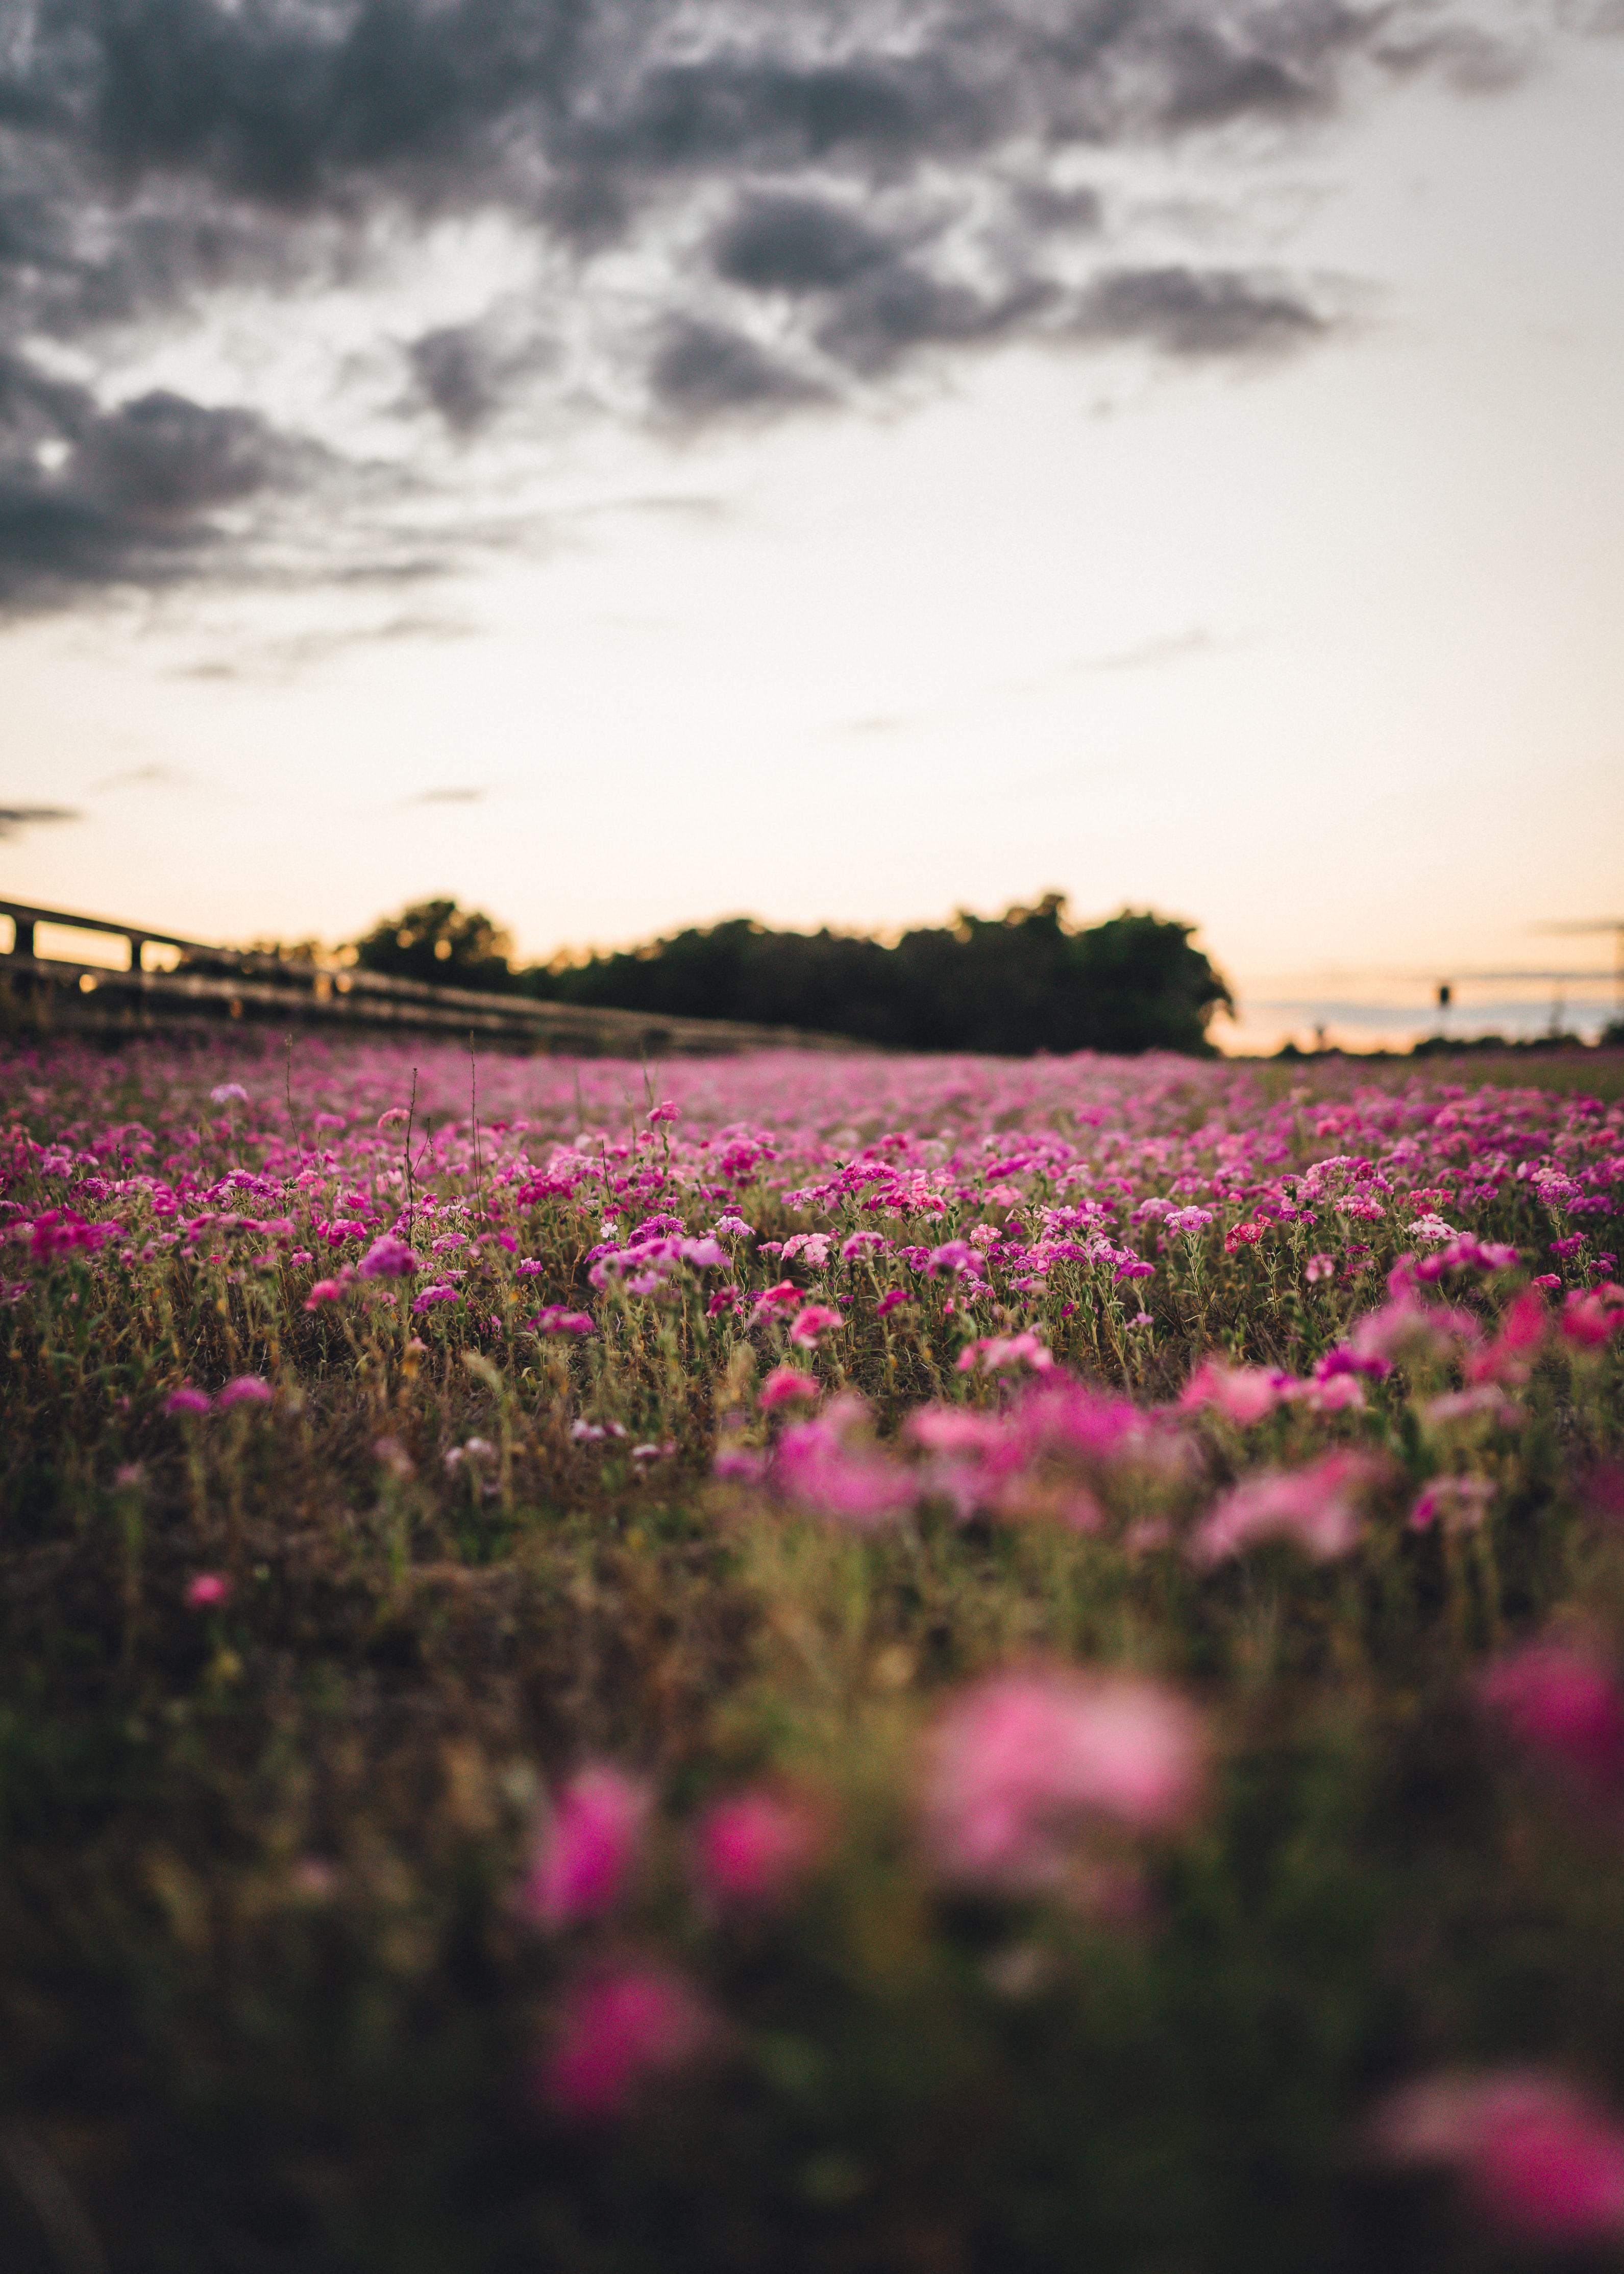 118815 скачать обои Поле, Деревья, Природа, Цветы - заставки и картинки бесплатно